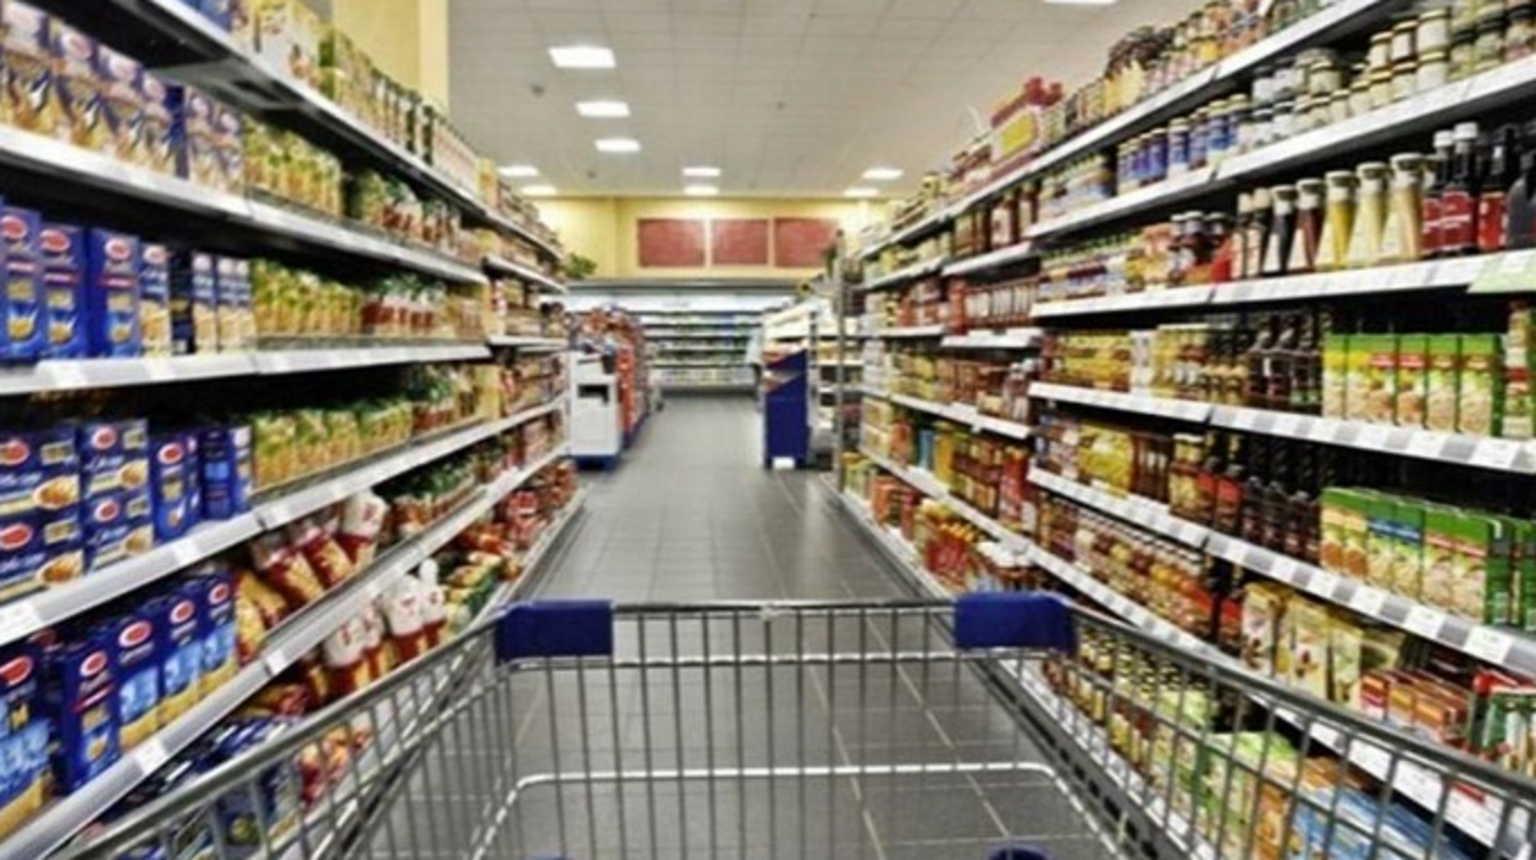 Ακρίβεια – ΕΛΣΤΑΤ: Ανατιμήσεις μέχρι 21% στα τρόφιμα – «Εκτόξευση» σε ενέργεια, καύσιμα, μεταφορές